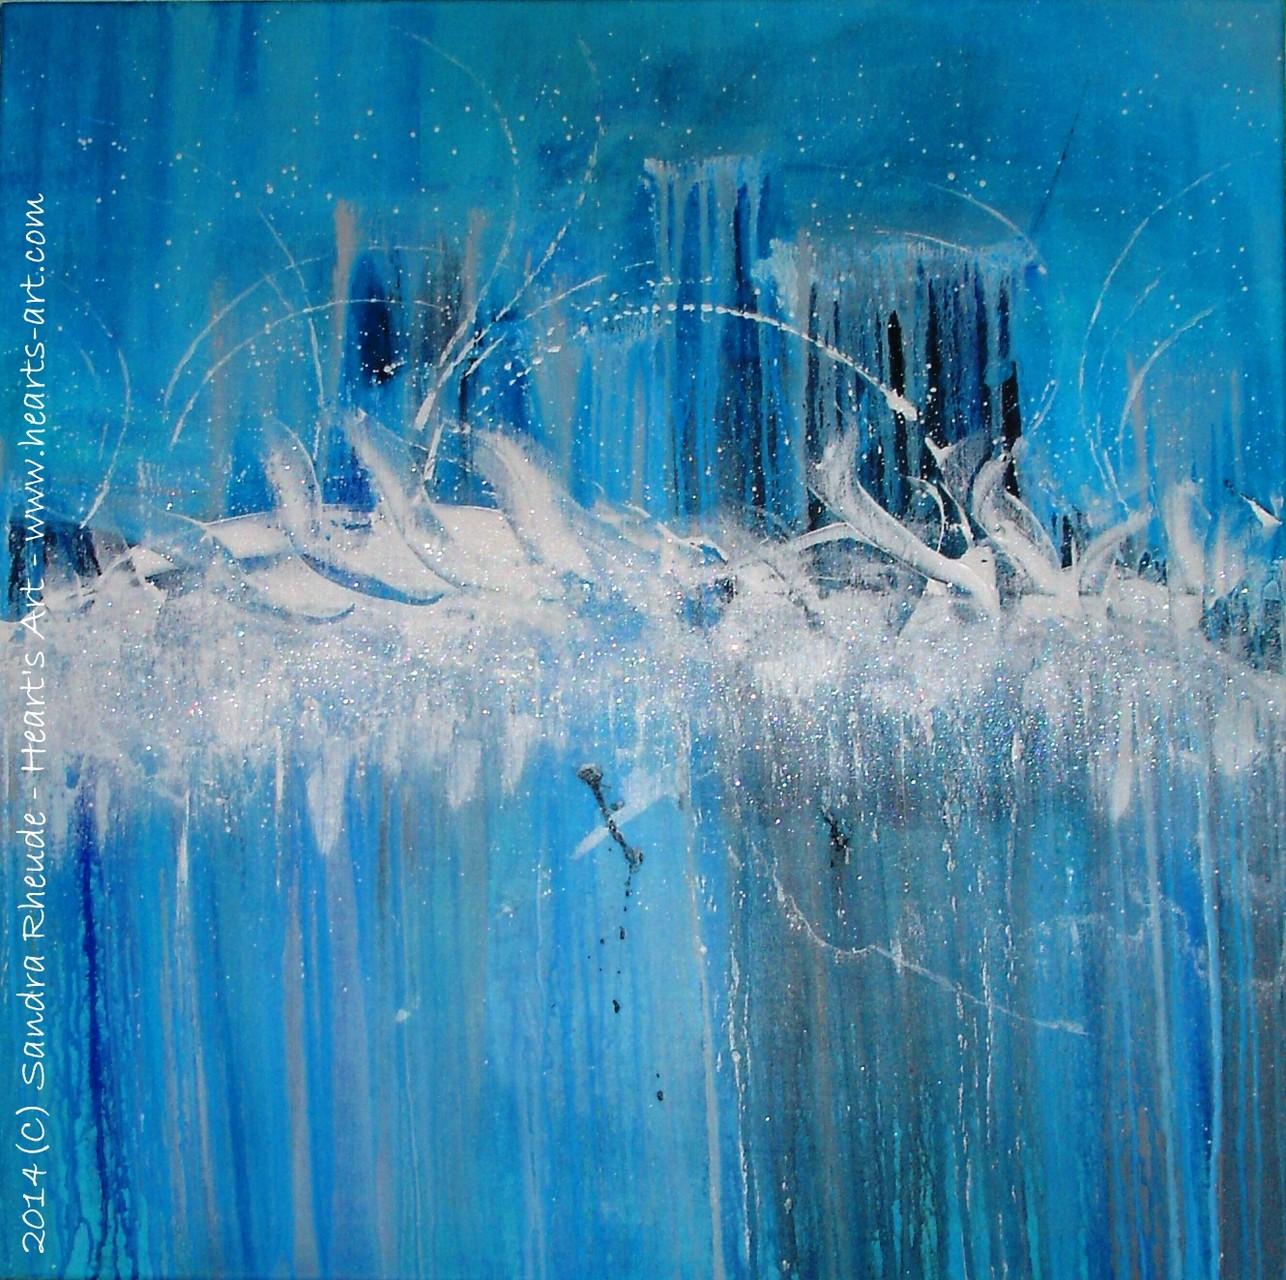 'Dolphins' Rain Dance' - 2014/16 - Acryl auf Leinwand - 70 x 70 cm - verkauft